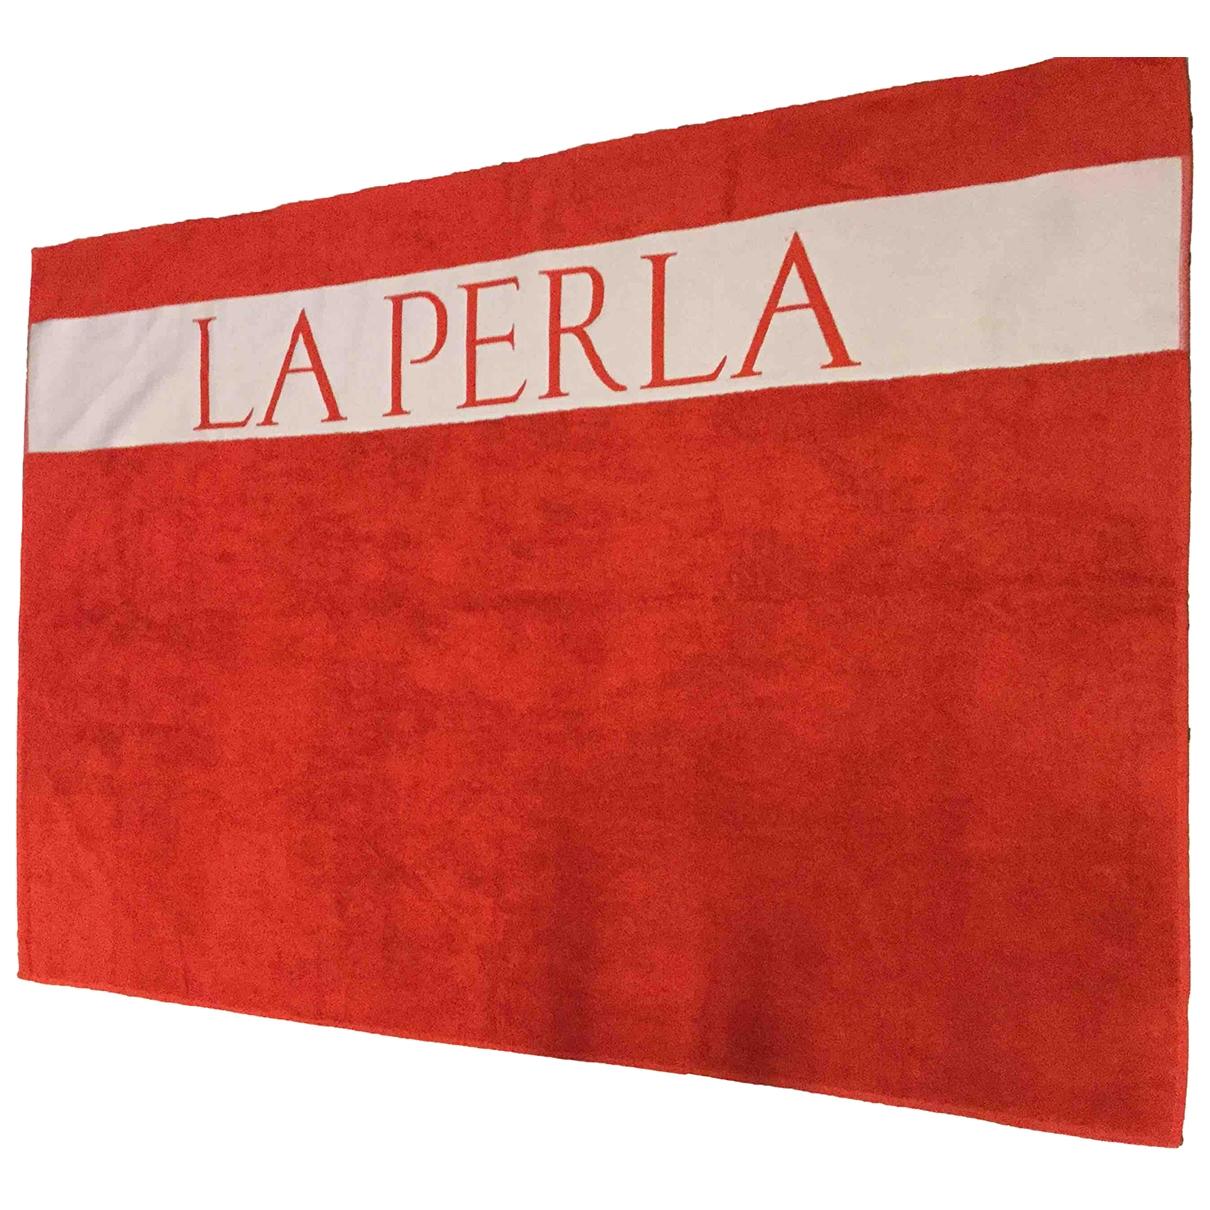 La Perla - Linge de maison   pour lifestyle en coton - rouge